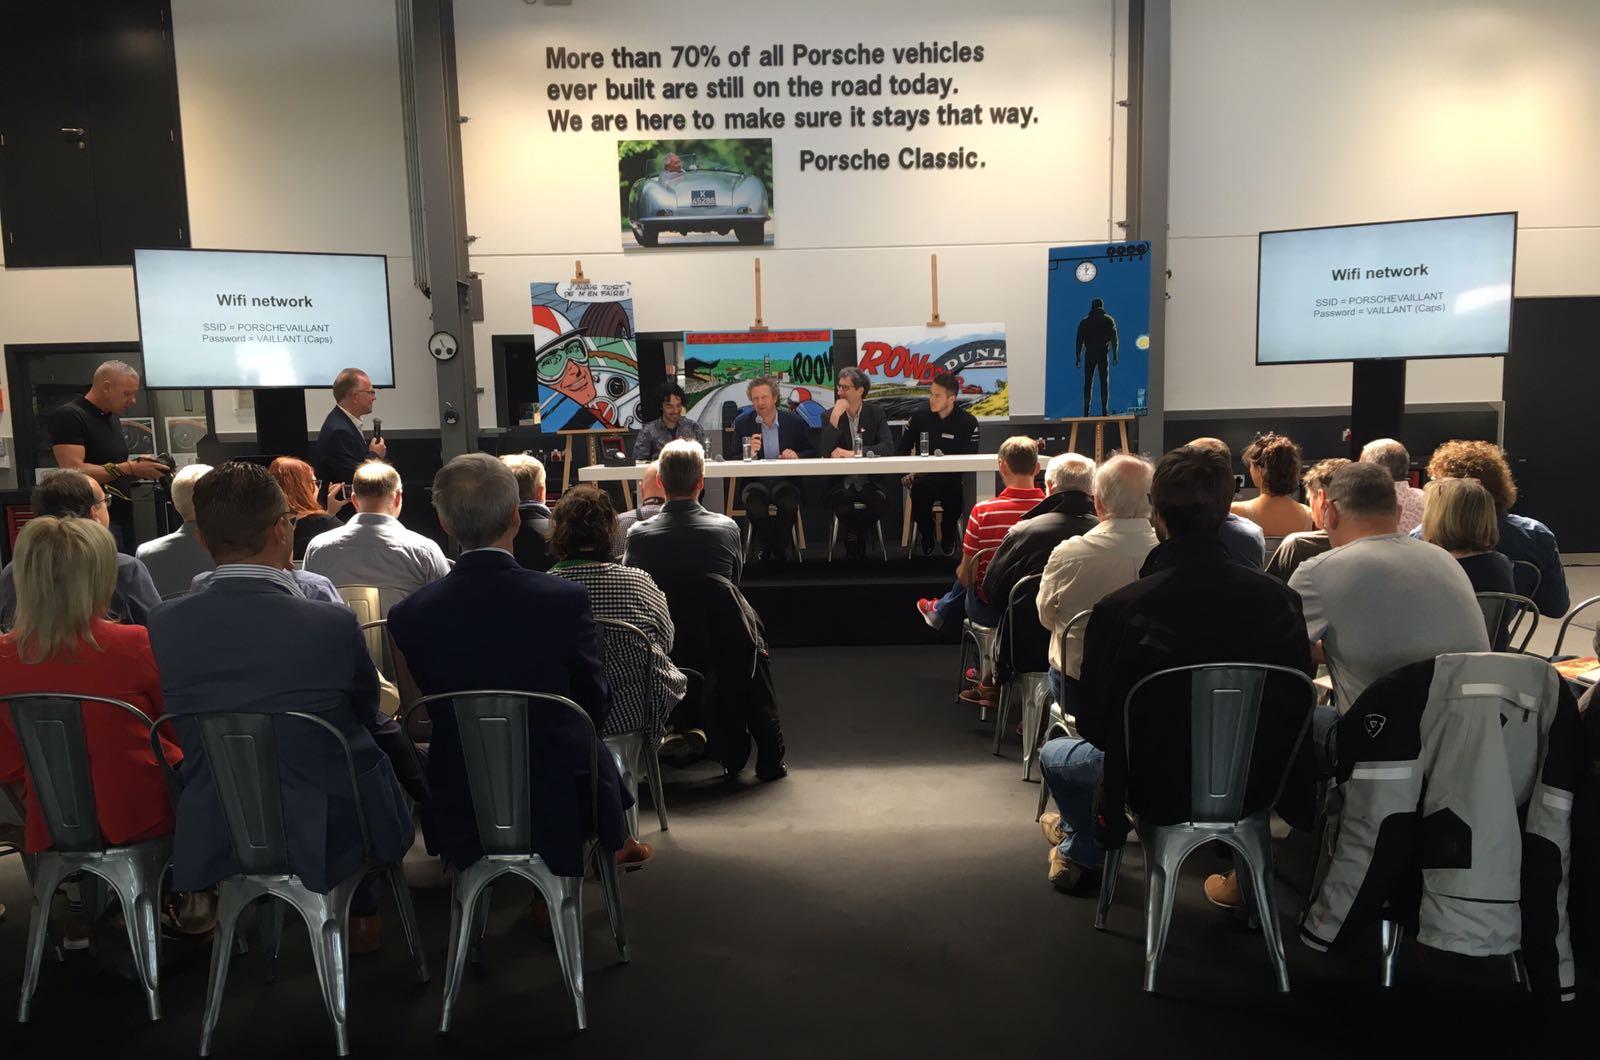 Conférence de presse Michel Vaillant chez Porsche Belgique - 2